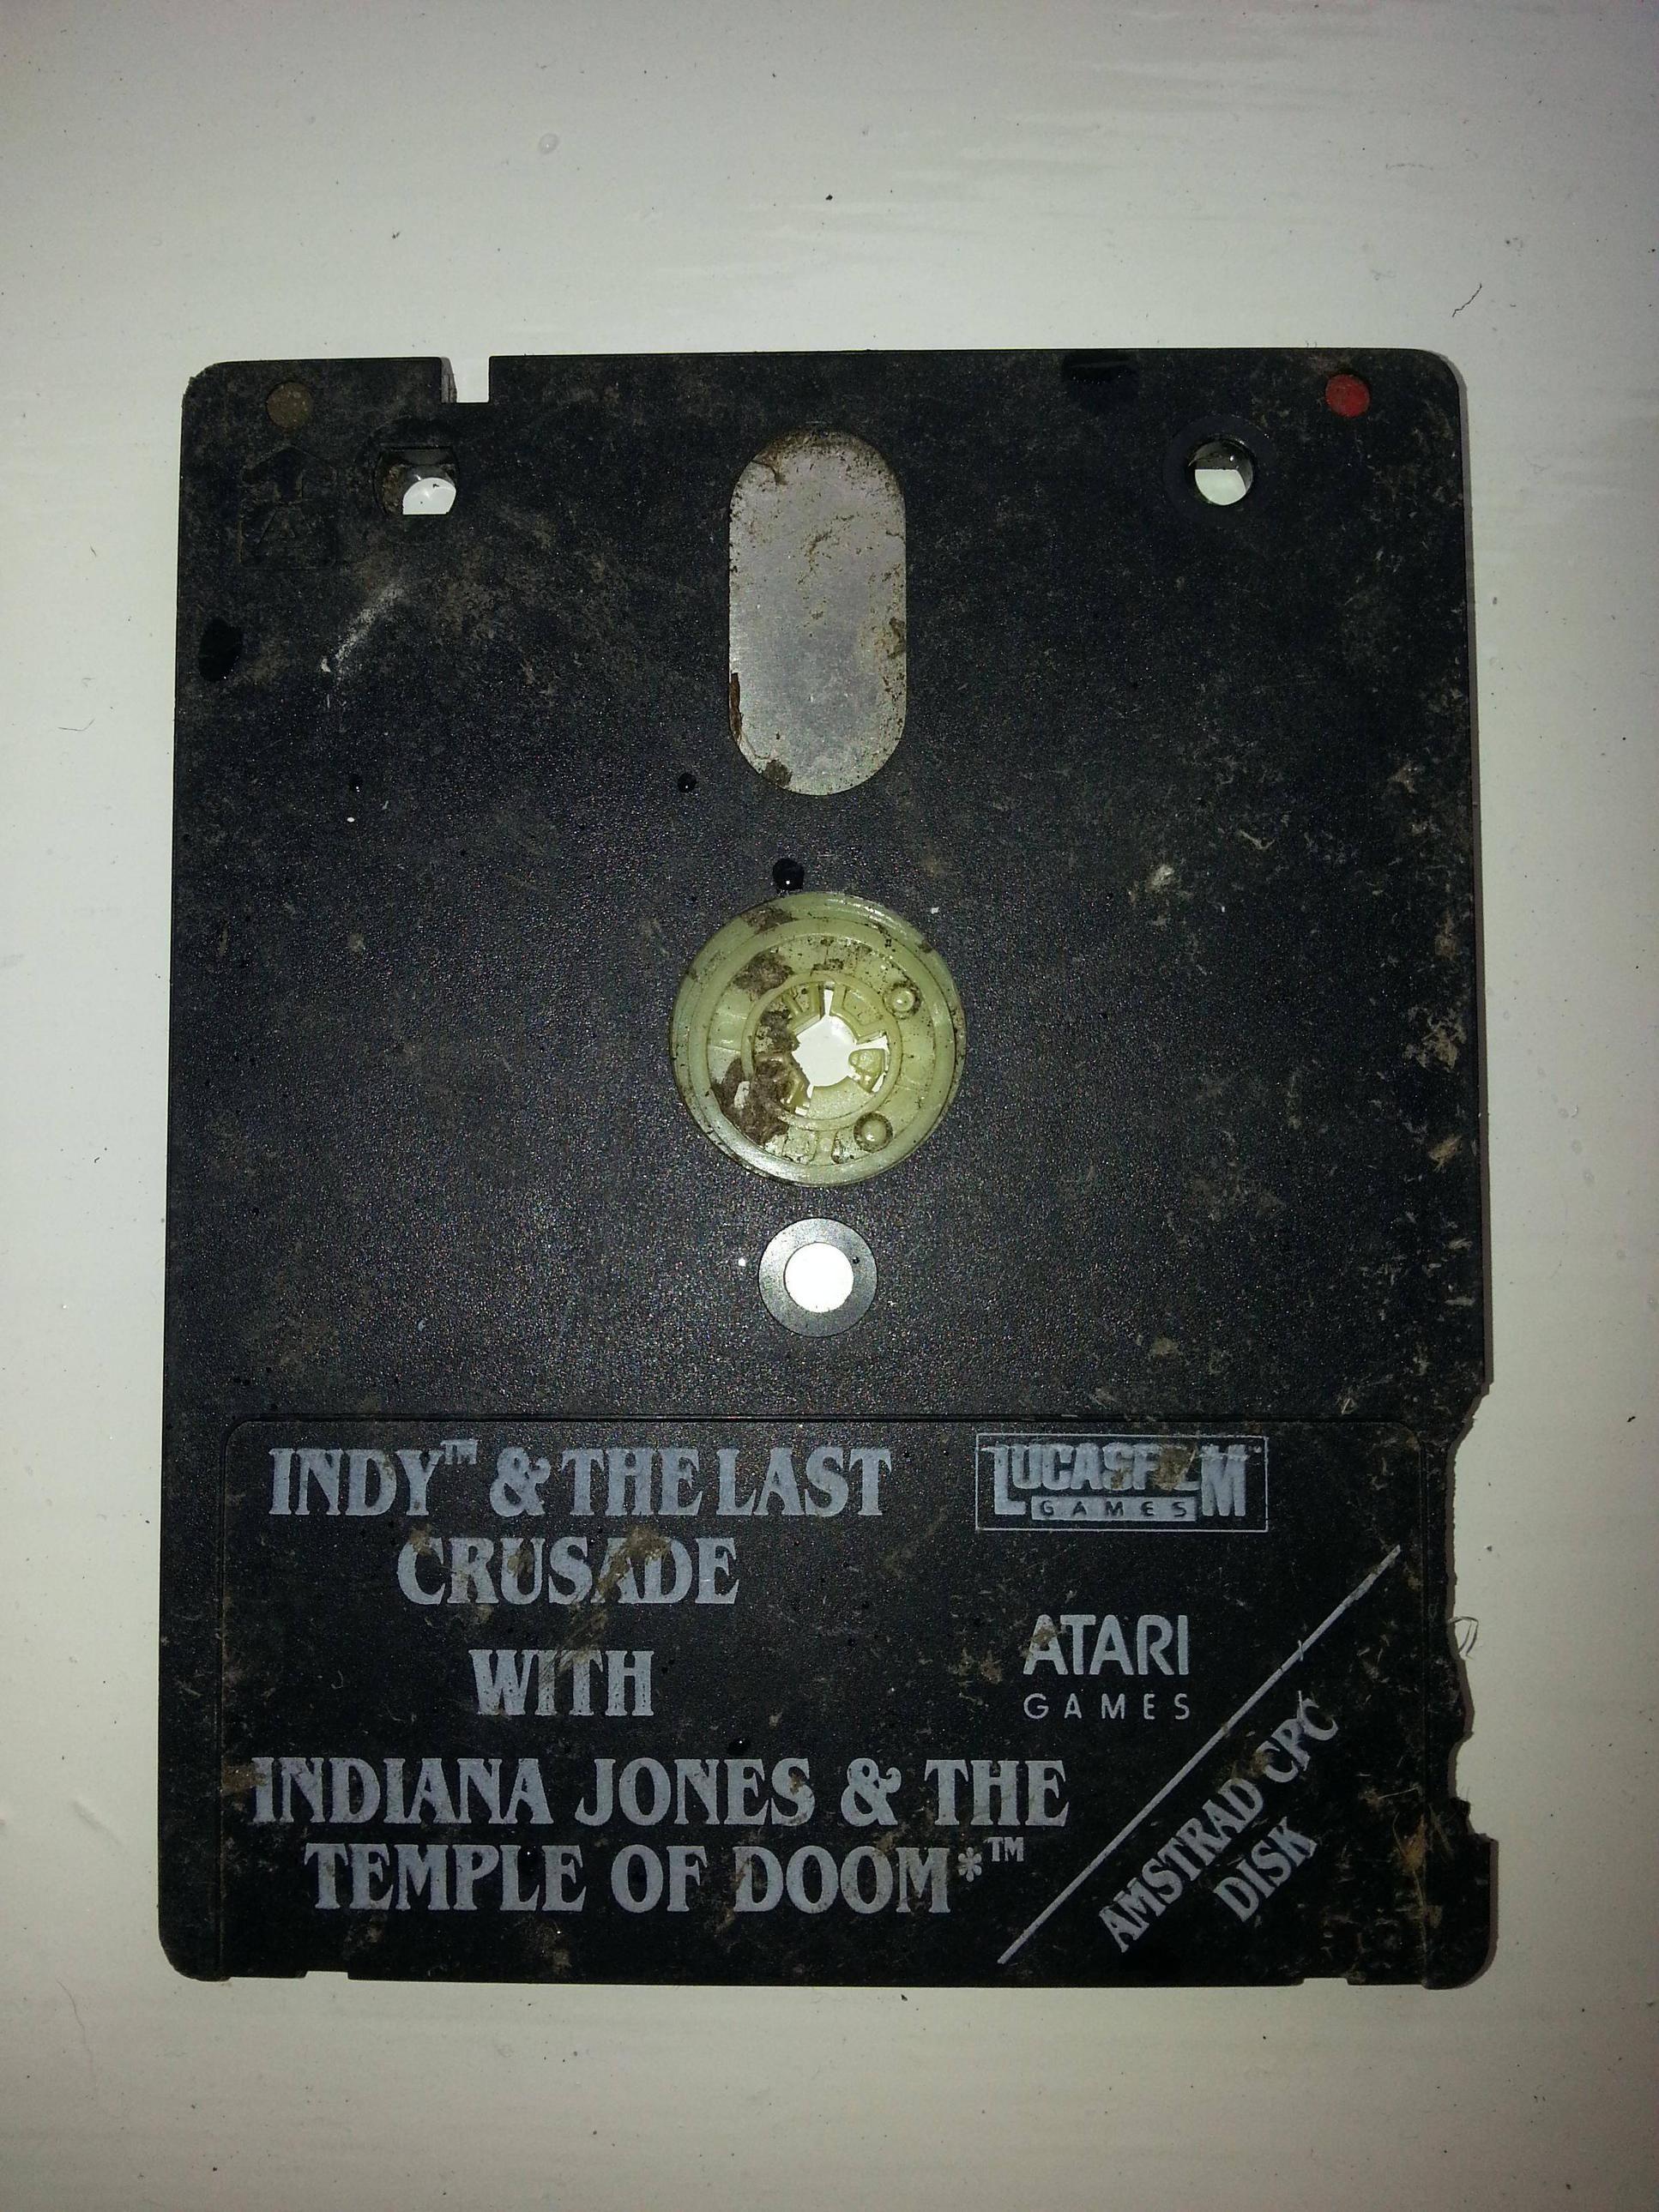 Reddit user bigpaulyamma found this retro floppy disk game